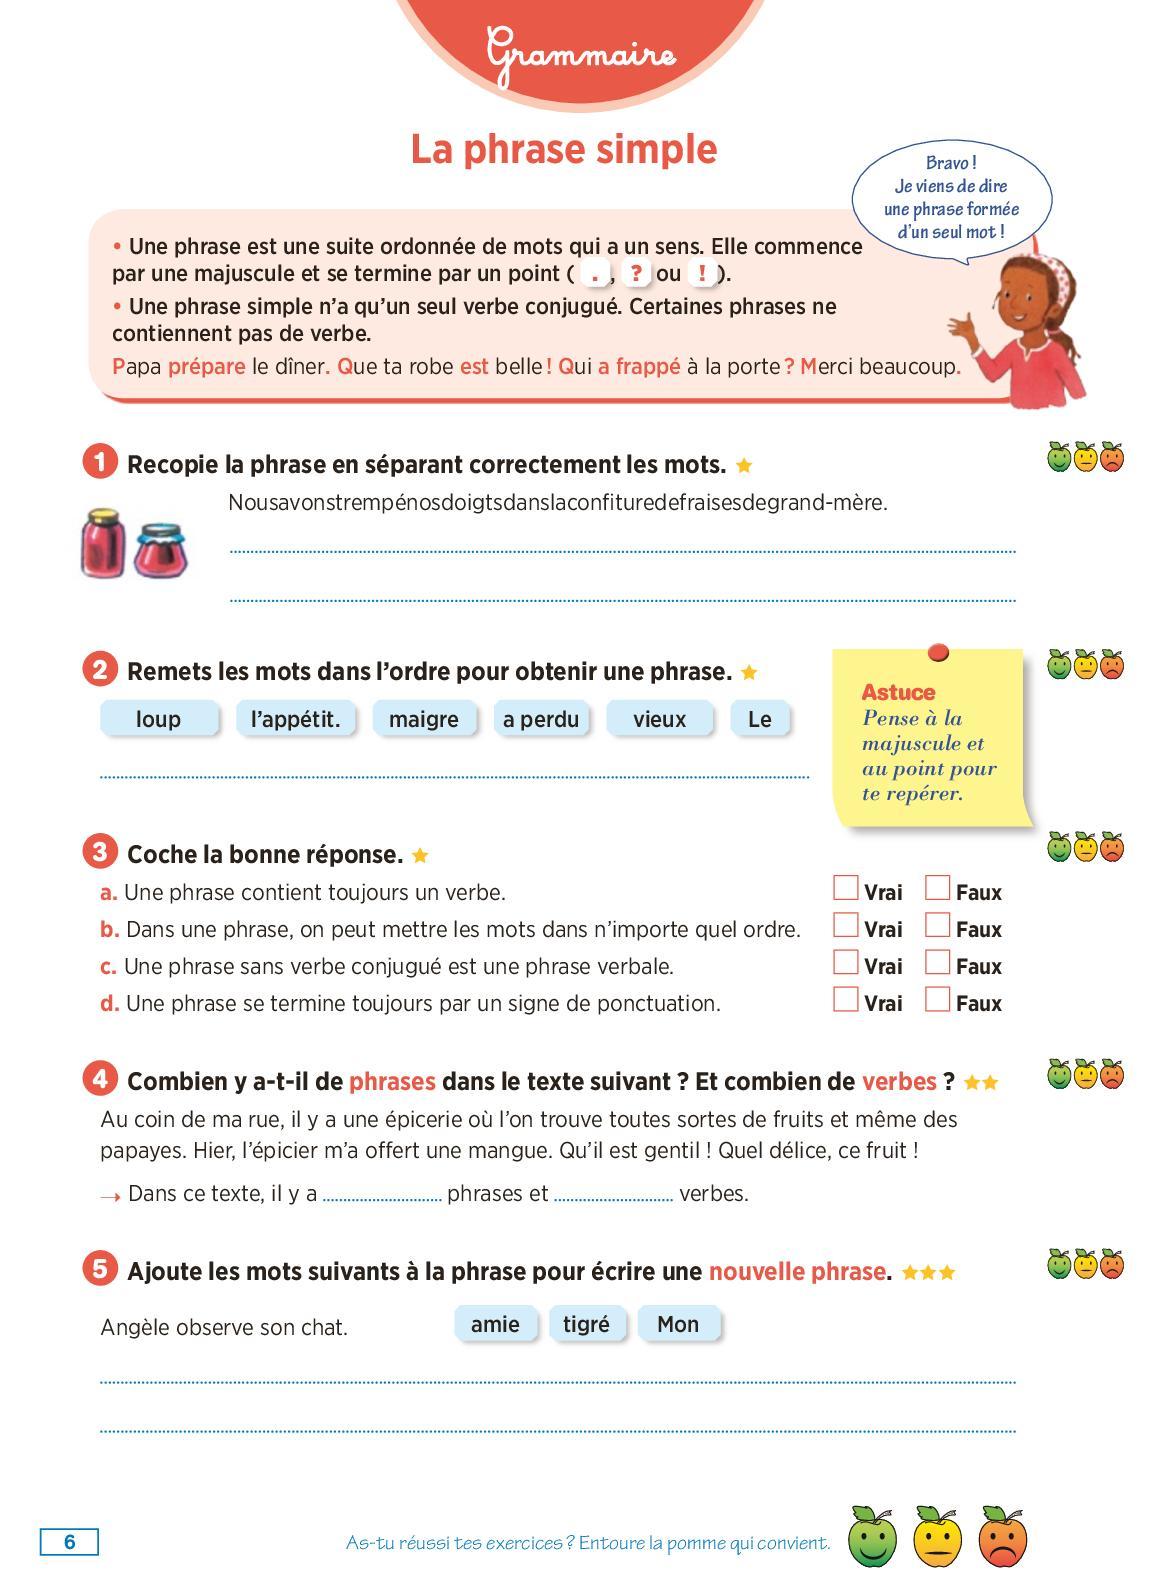 9817 Francais Ce2 1 19 Ok Calameo Downloader